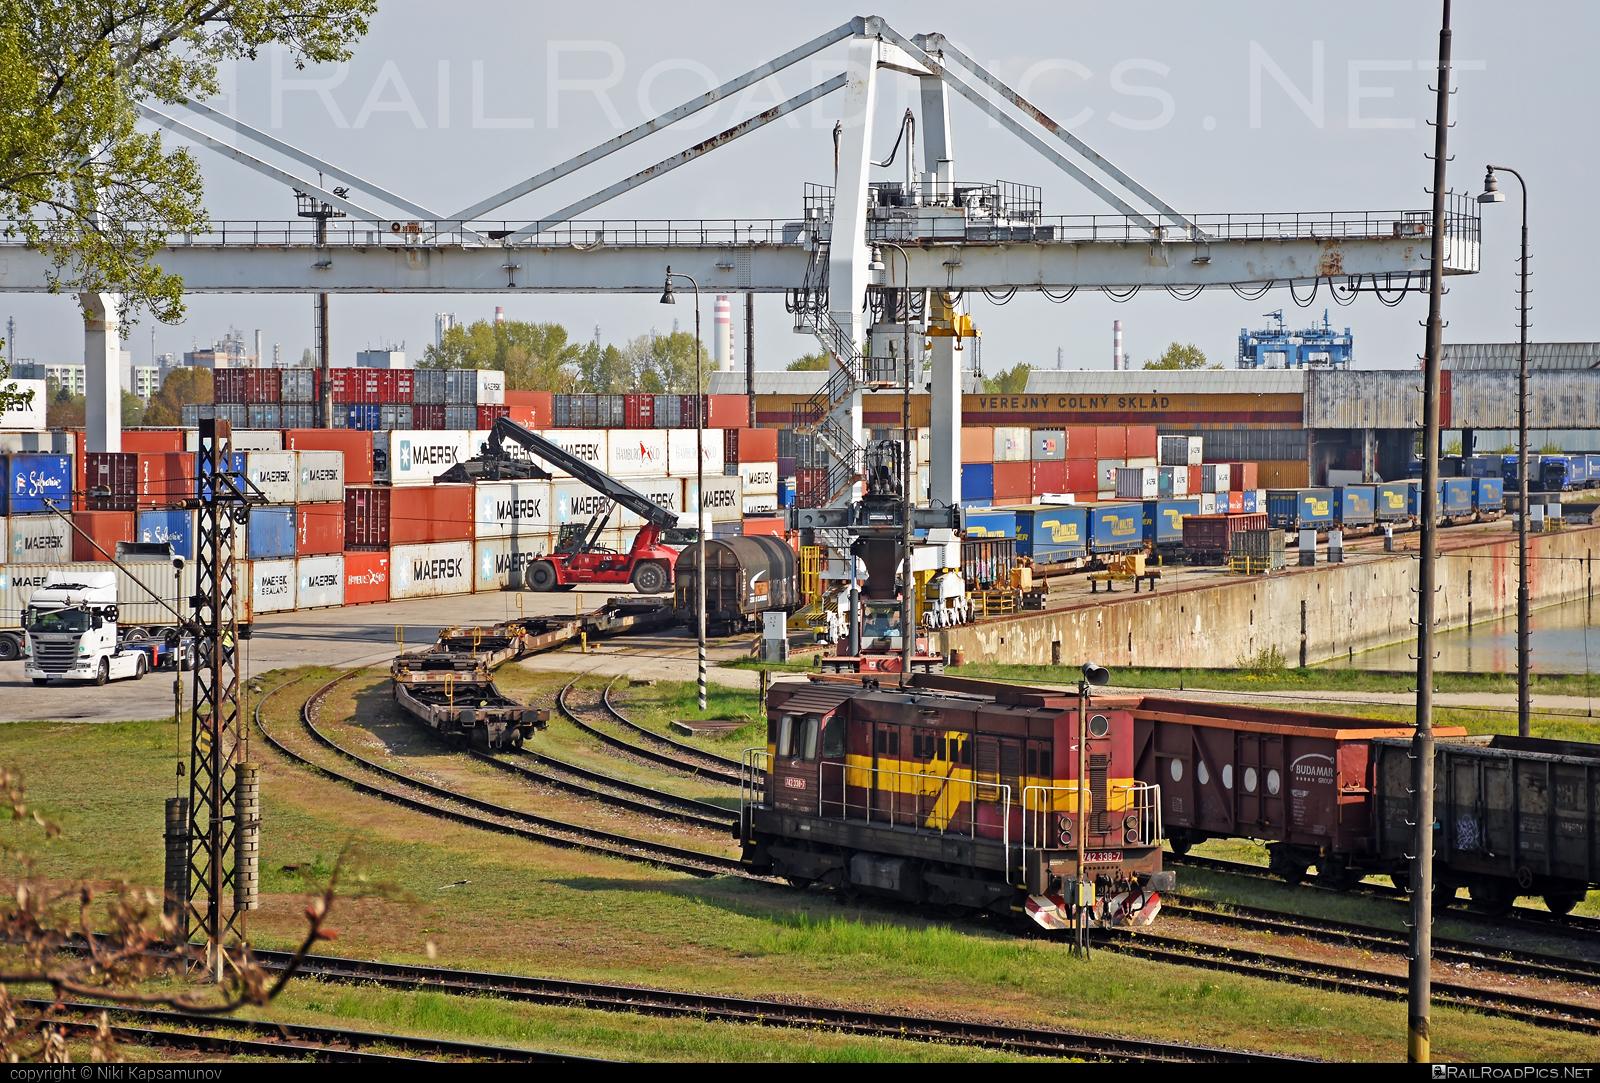 ČKD T 466.2 (742) - 742 338-7 operated by Železničná Spoločnost' Cargo Slovakia a.s. #ZeleznicnaSpolocnostCargoSlovakia #ckd #ckd4662 #ckd742 #ckdt4662 #kocur #zsskcargo